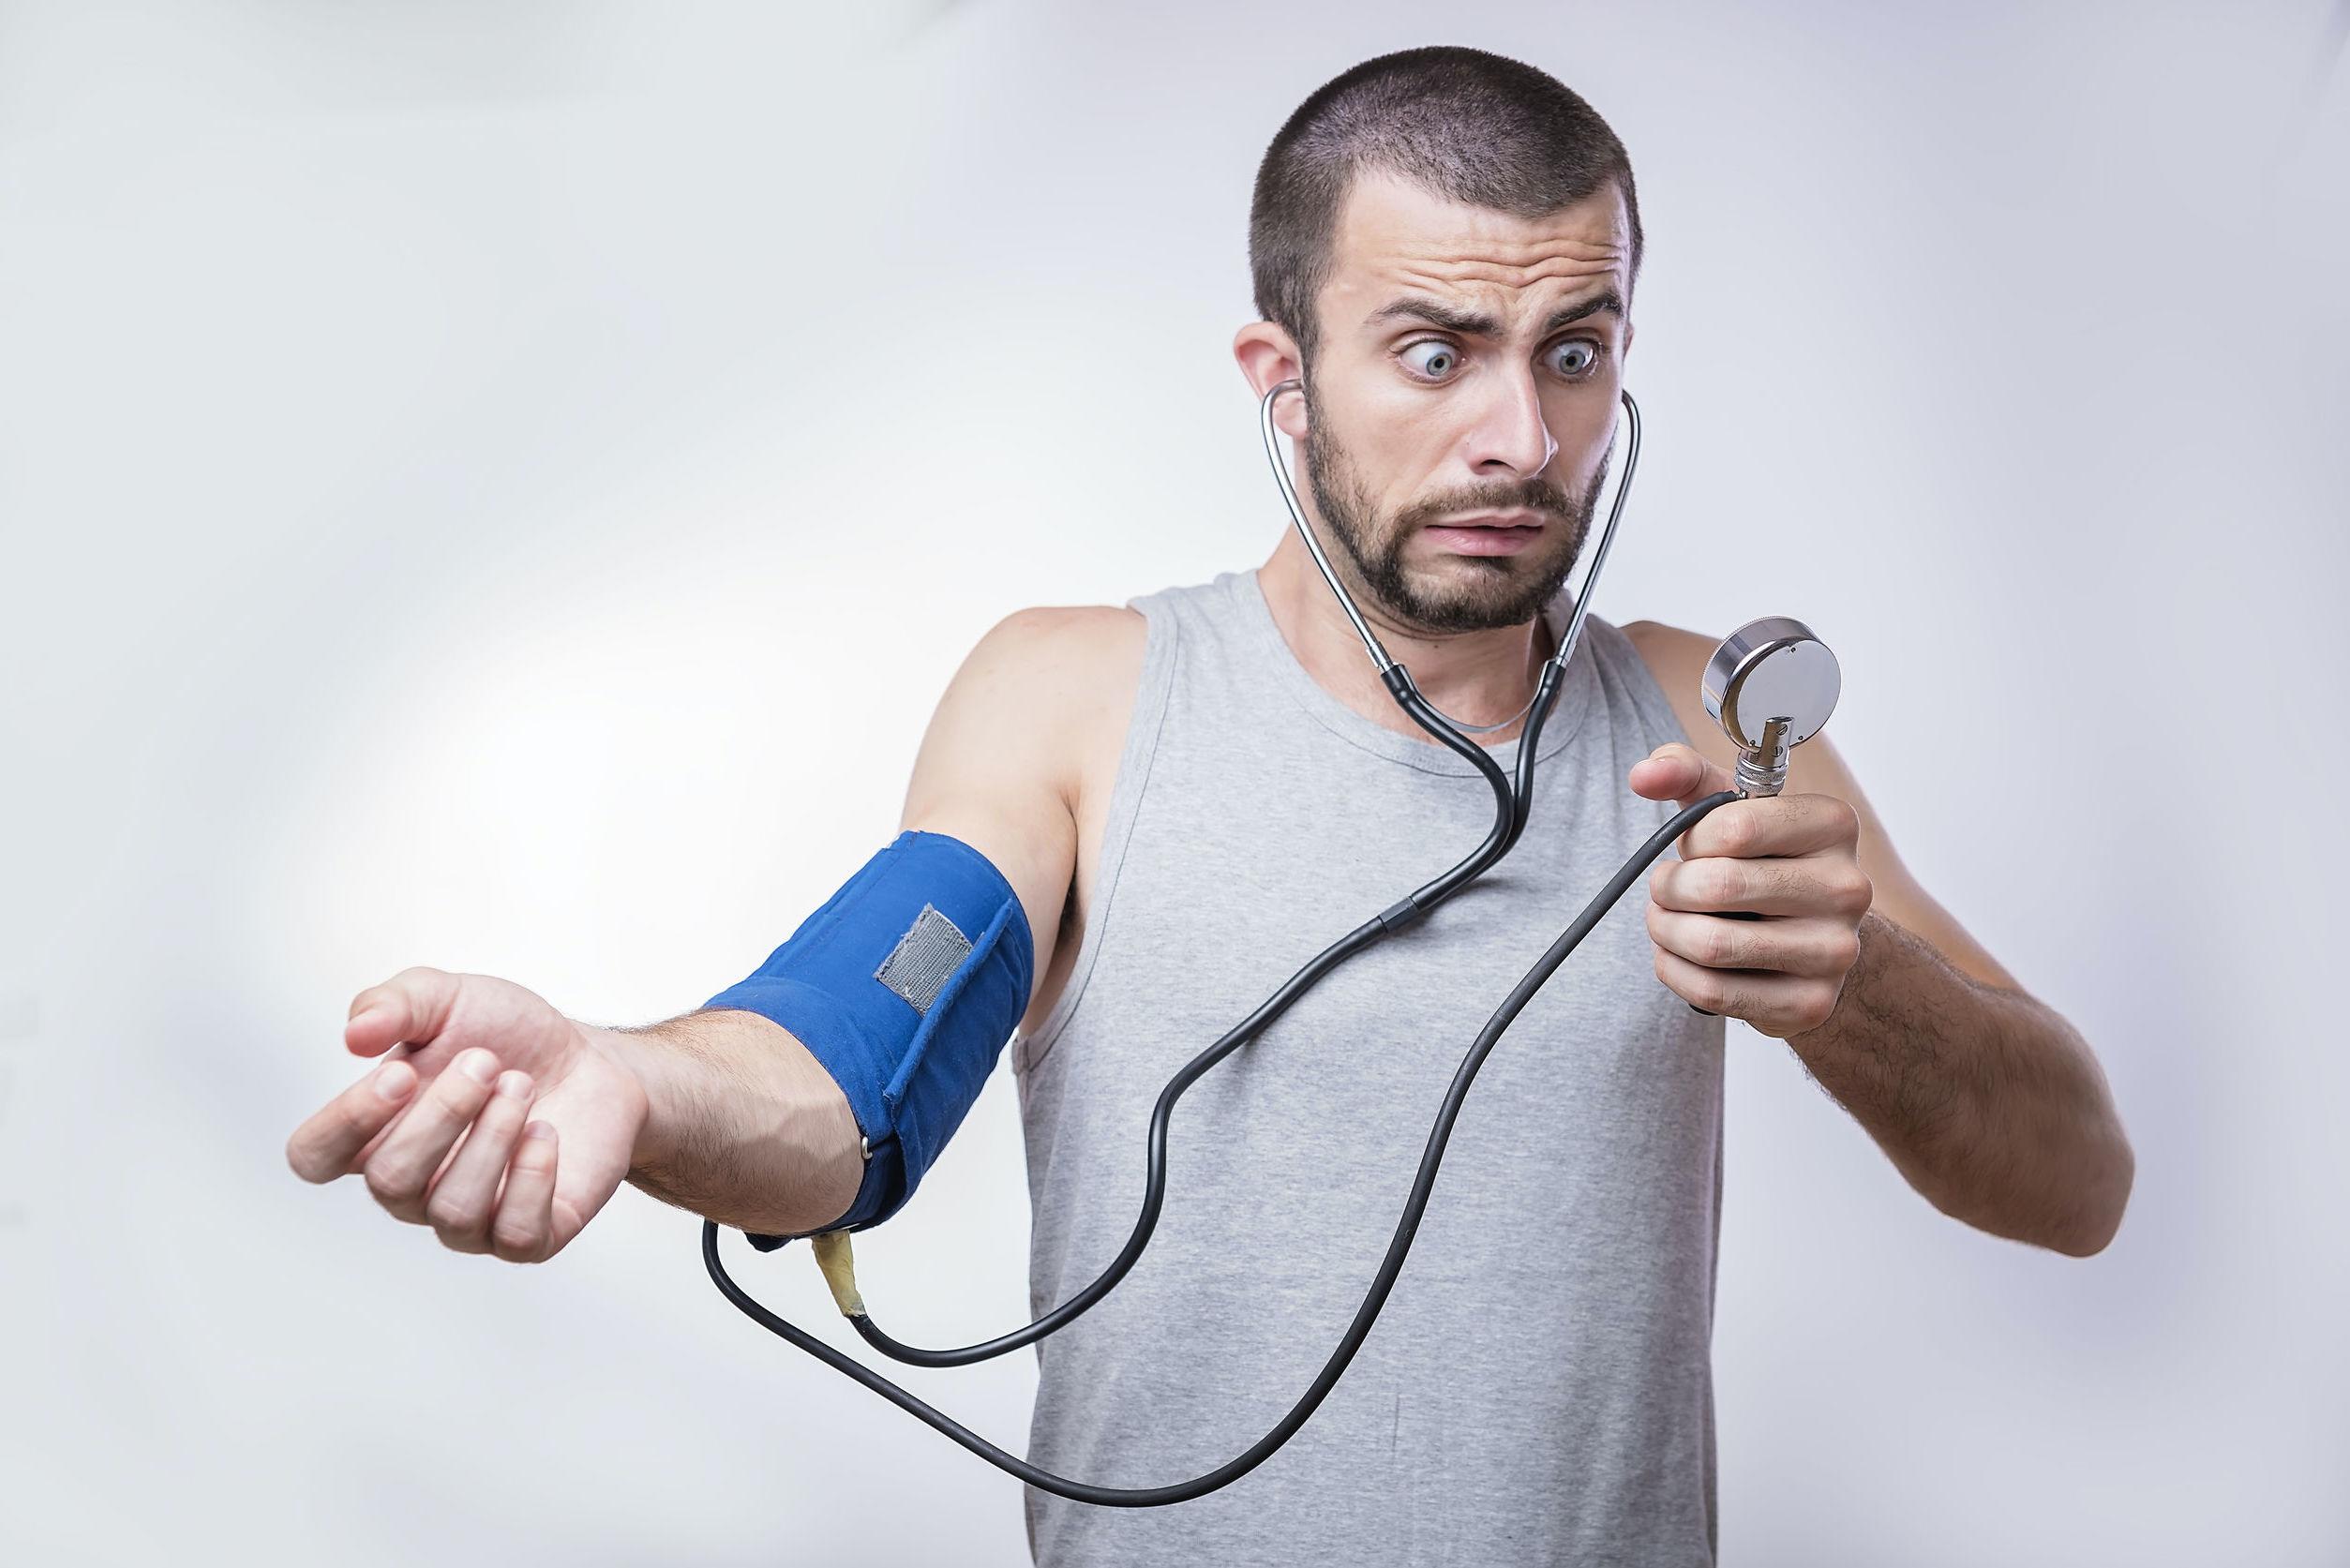 magas vérnyomás esetén lehetséges-e futni